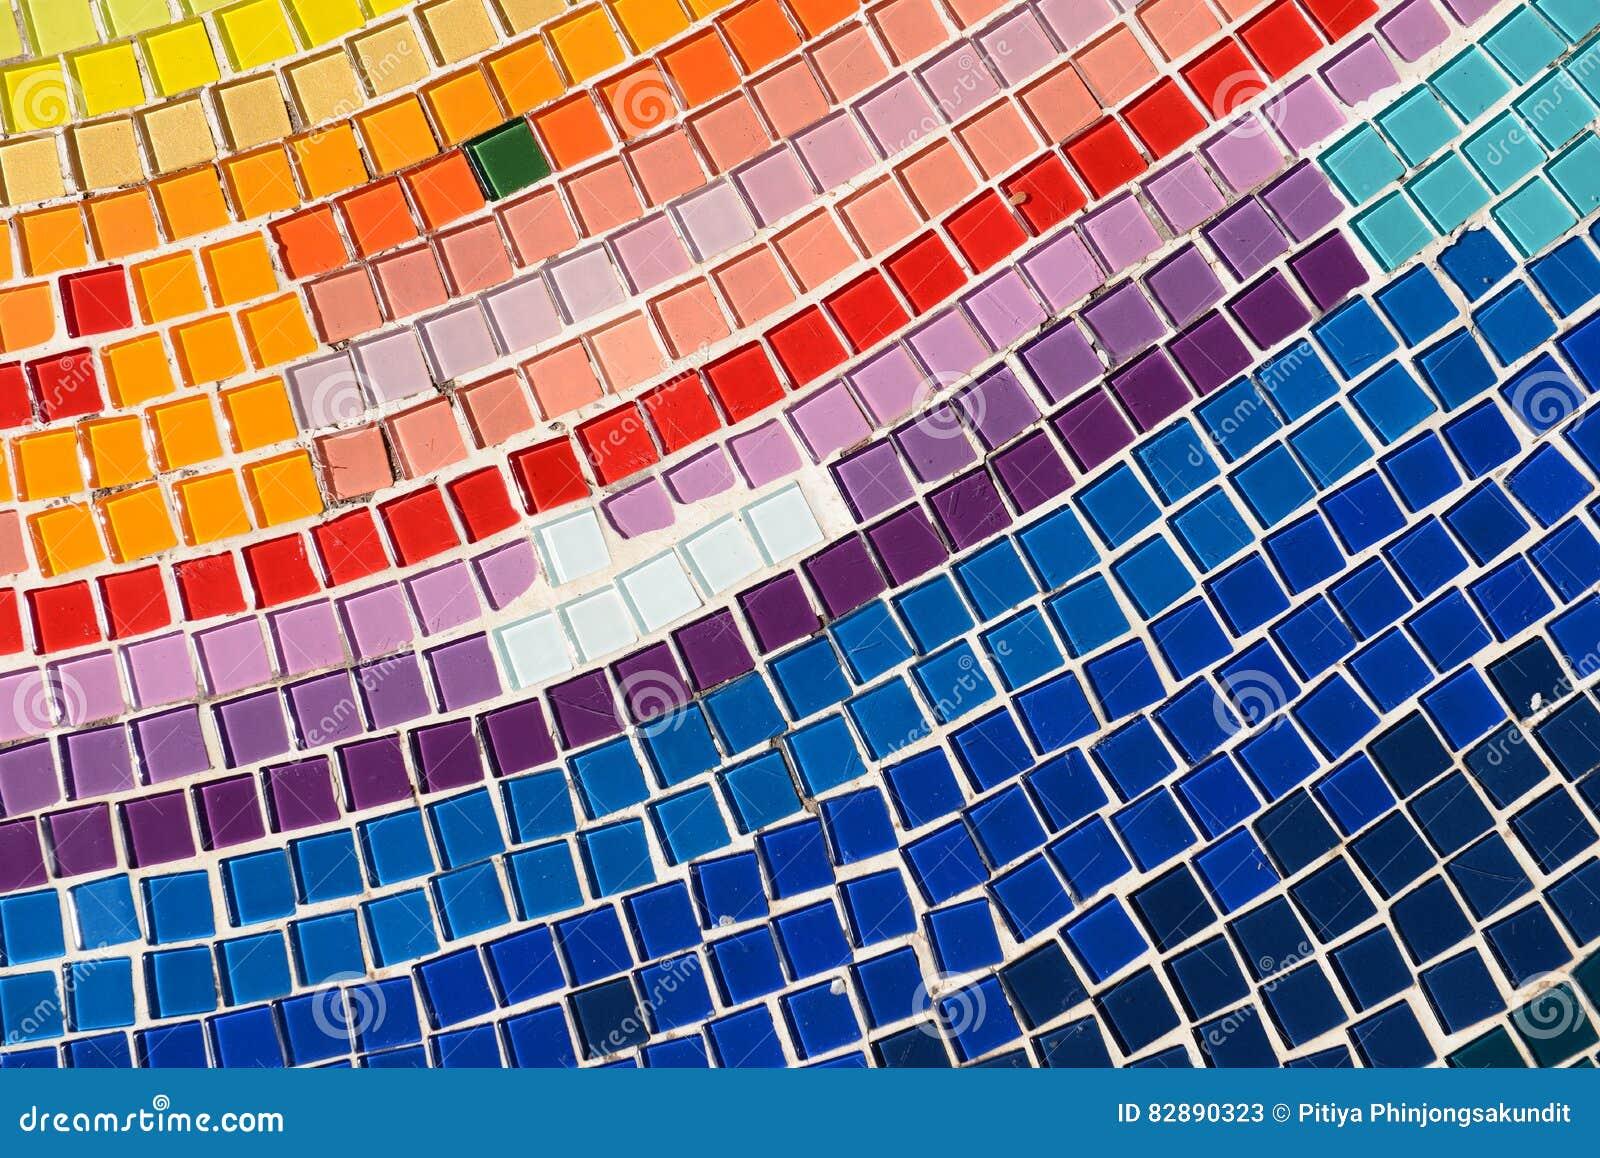 Fußboden Aus Glas ~ Boden und wände verziert mit stein und farbigem glas stockbild